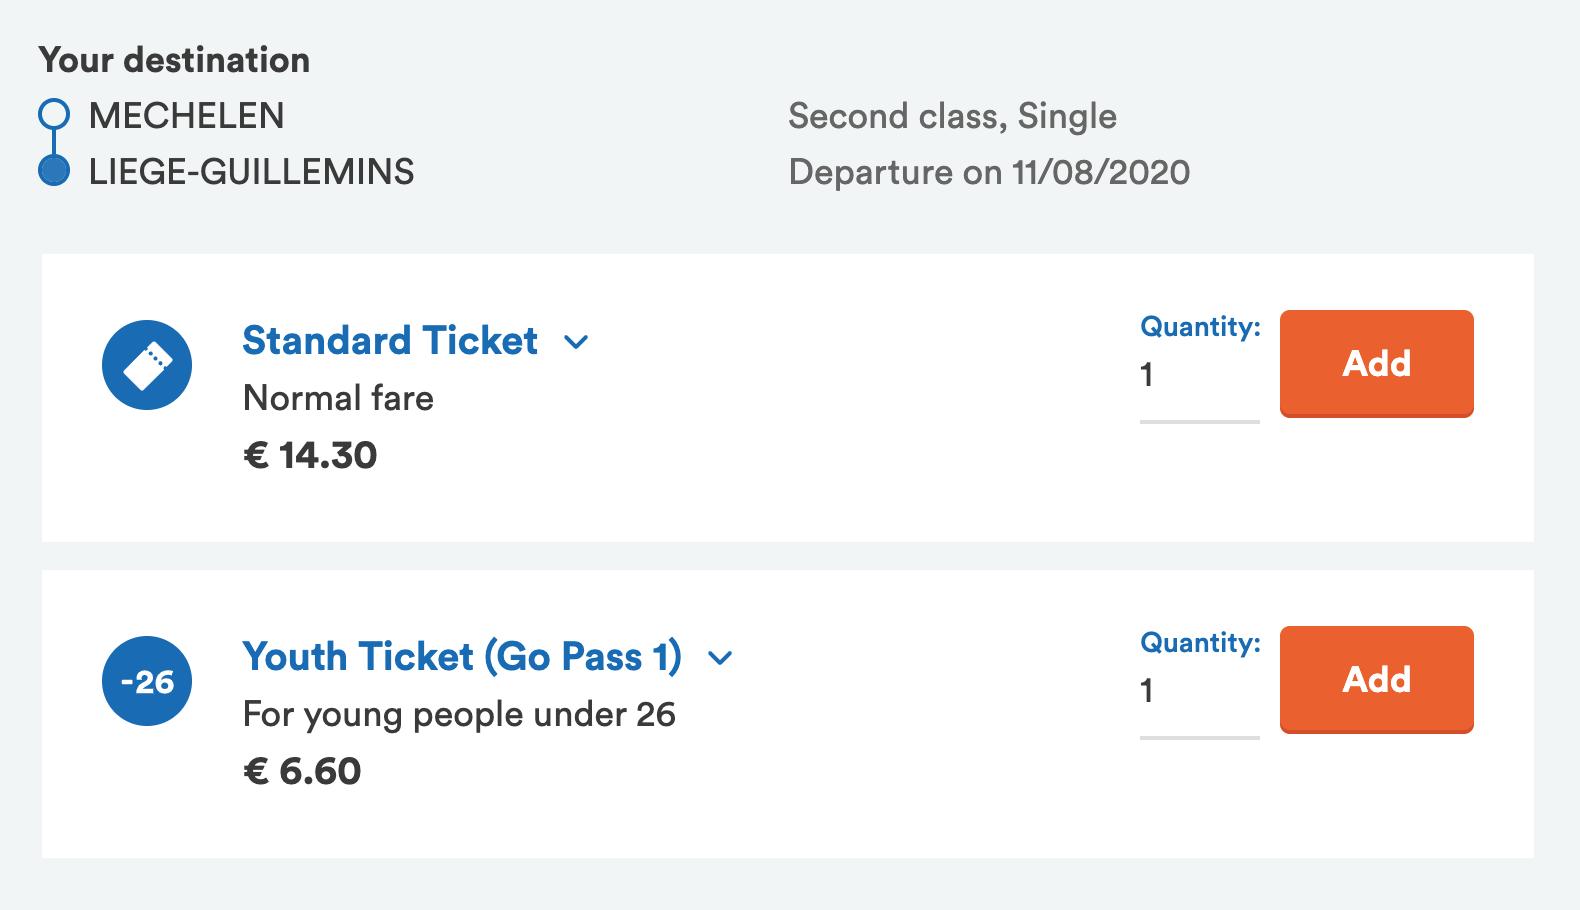 Обычный билет на поезд из Мехелена в Льеж стоит 14,3€. Длялюдей младше 26 лет — 6,6€